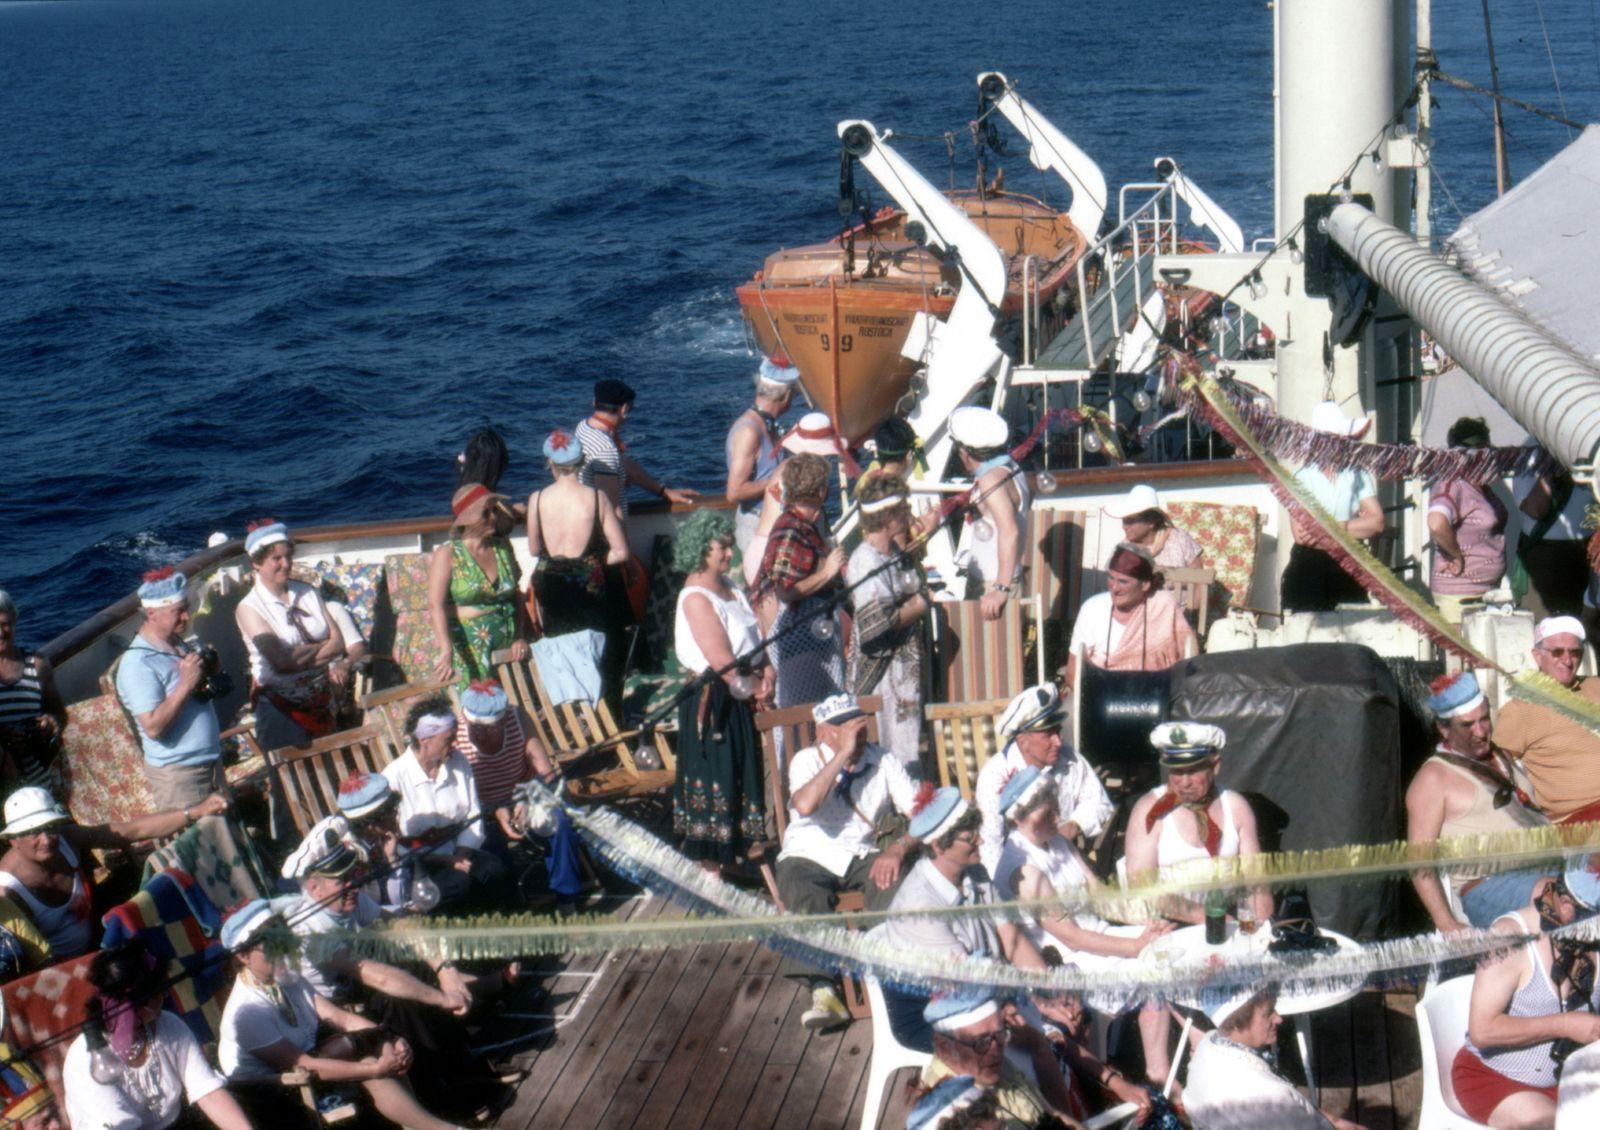 """Sprung von der Vo?lkerfreundschaft - DDR: Schifffahrt - das FDGB-Urlauberschiff """"Voelkerfreundschaft"""" im Hafen von Warnemuende vor dem Auslaufen zu einer Mittelmeer-Kreuzfahrt, beim Bordfest - Juni 1975"""